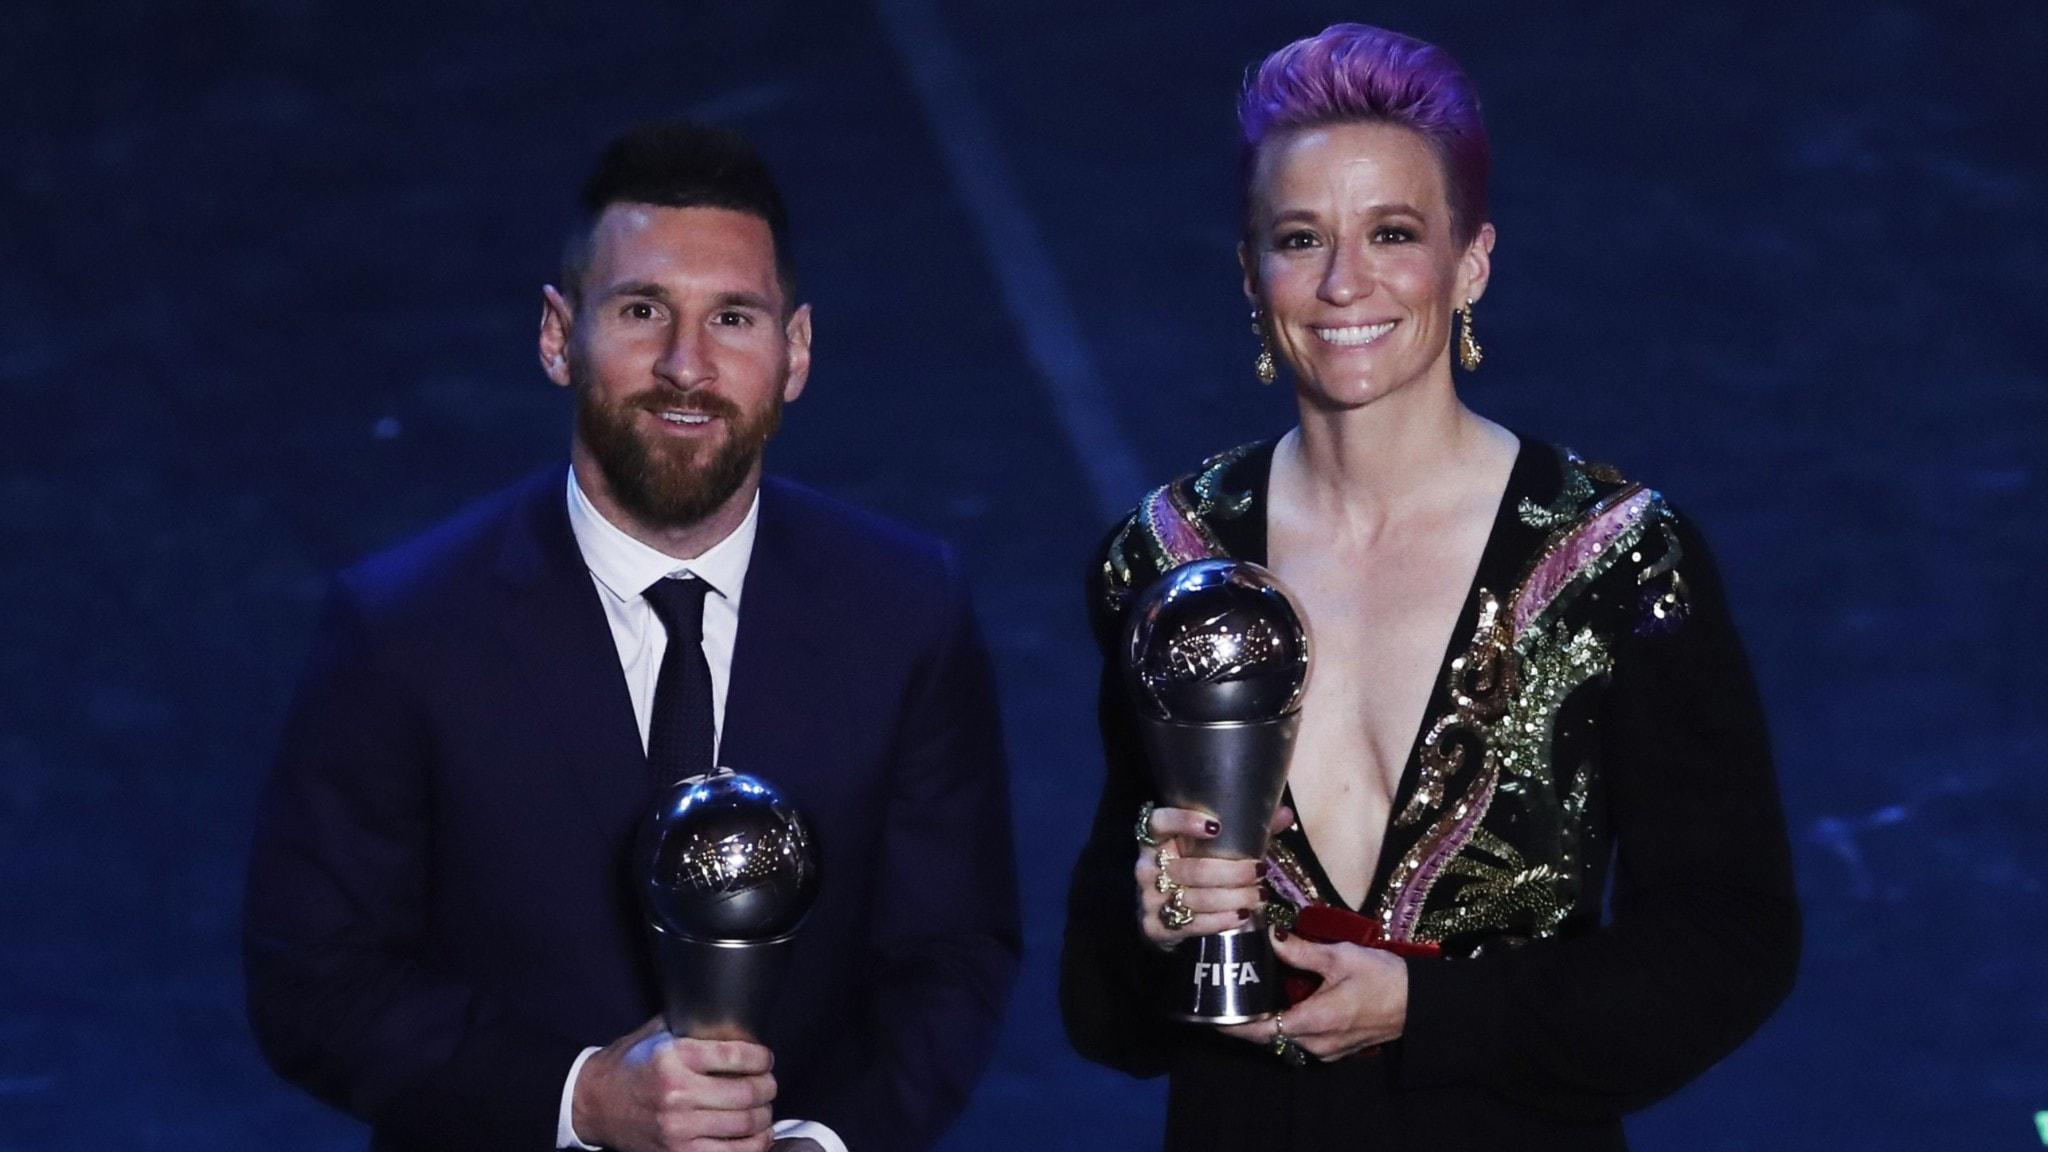 Världens bästa fotbollsspelare har fått pris